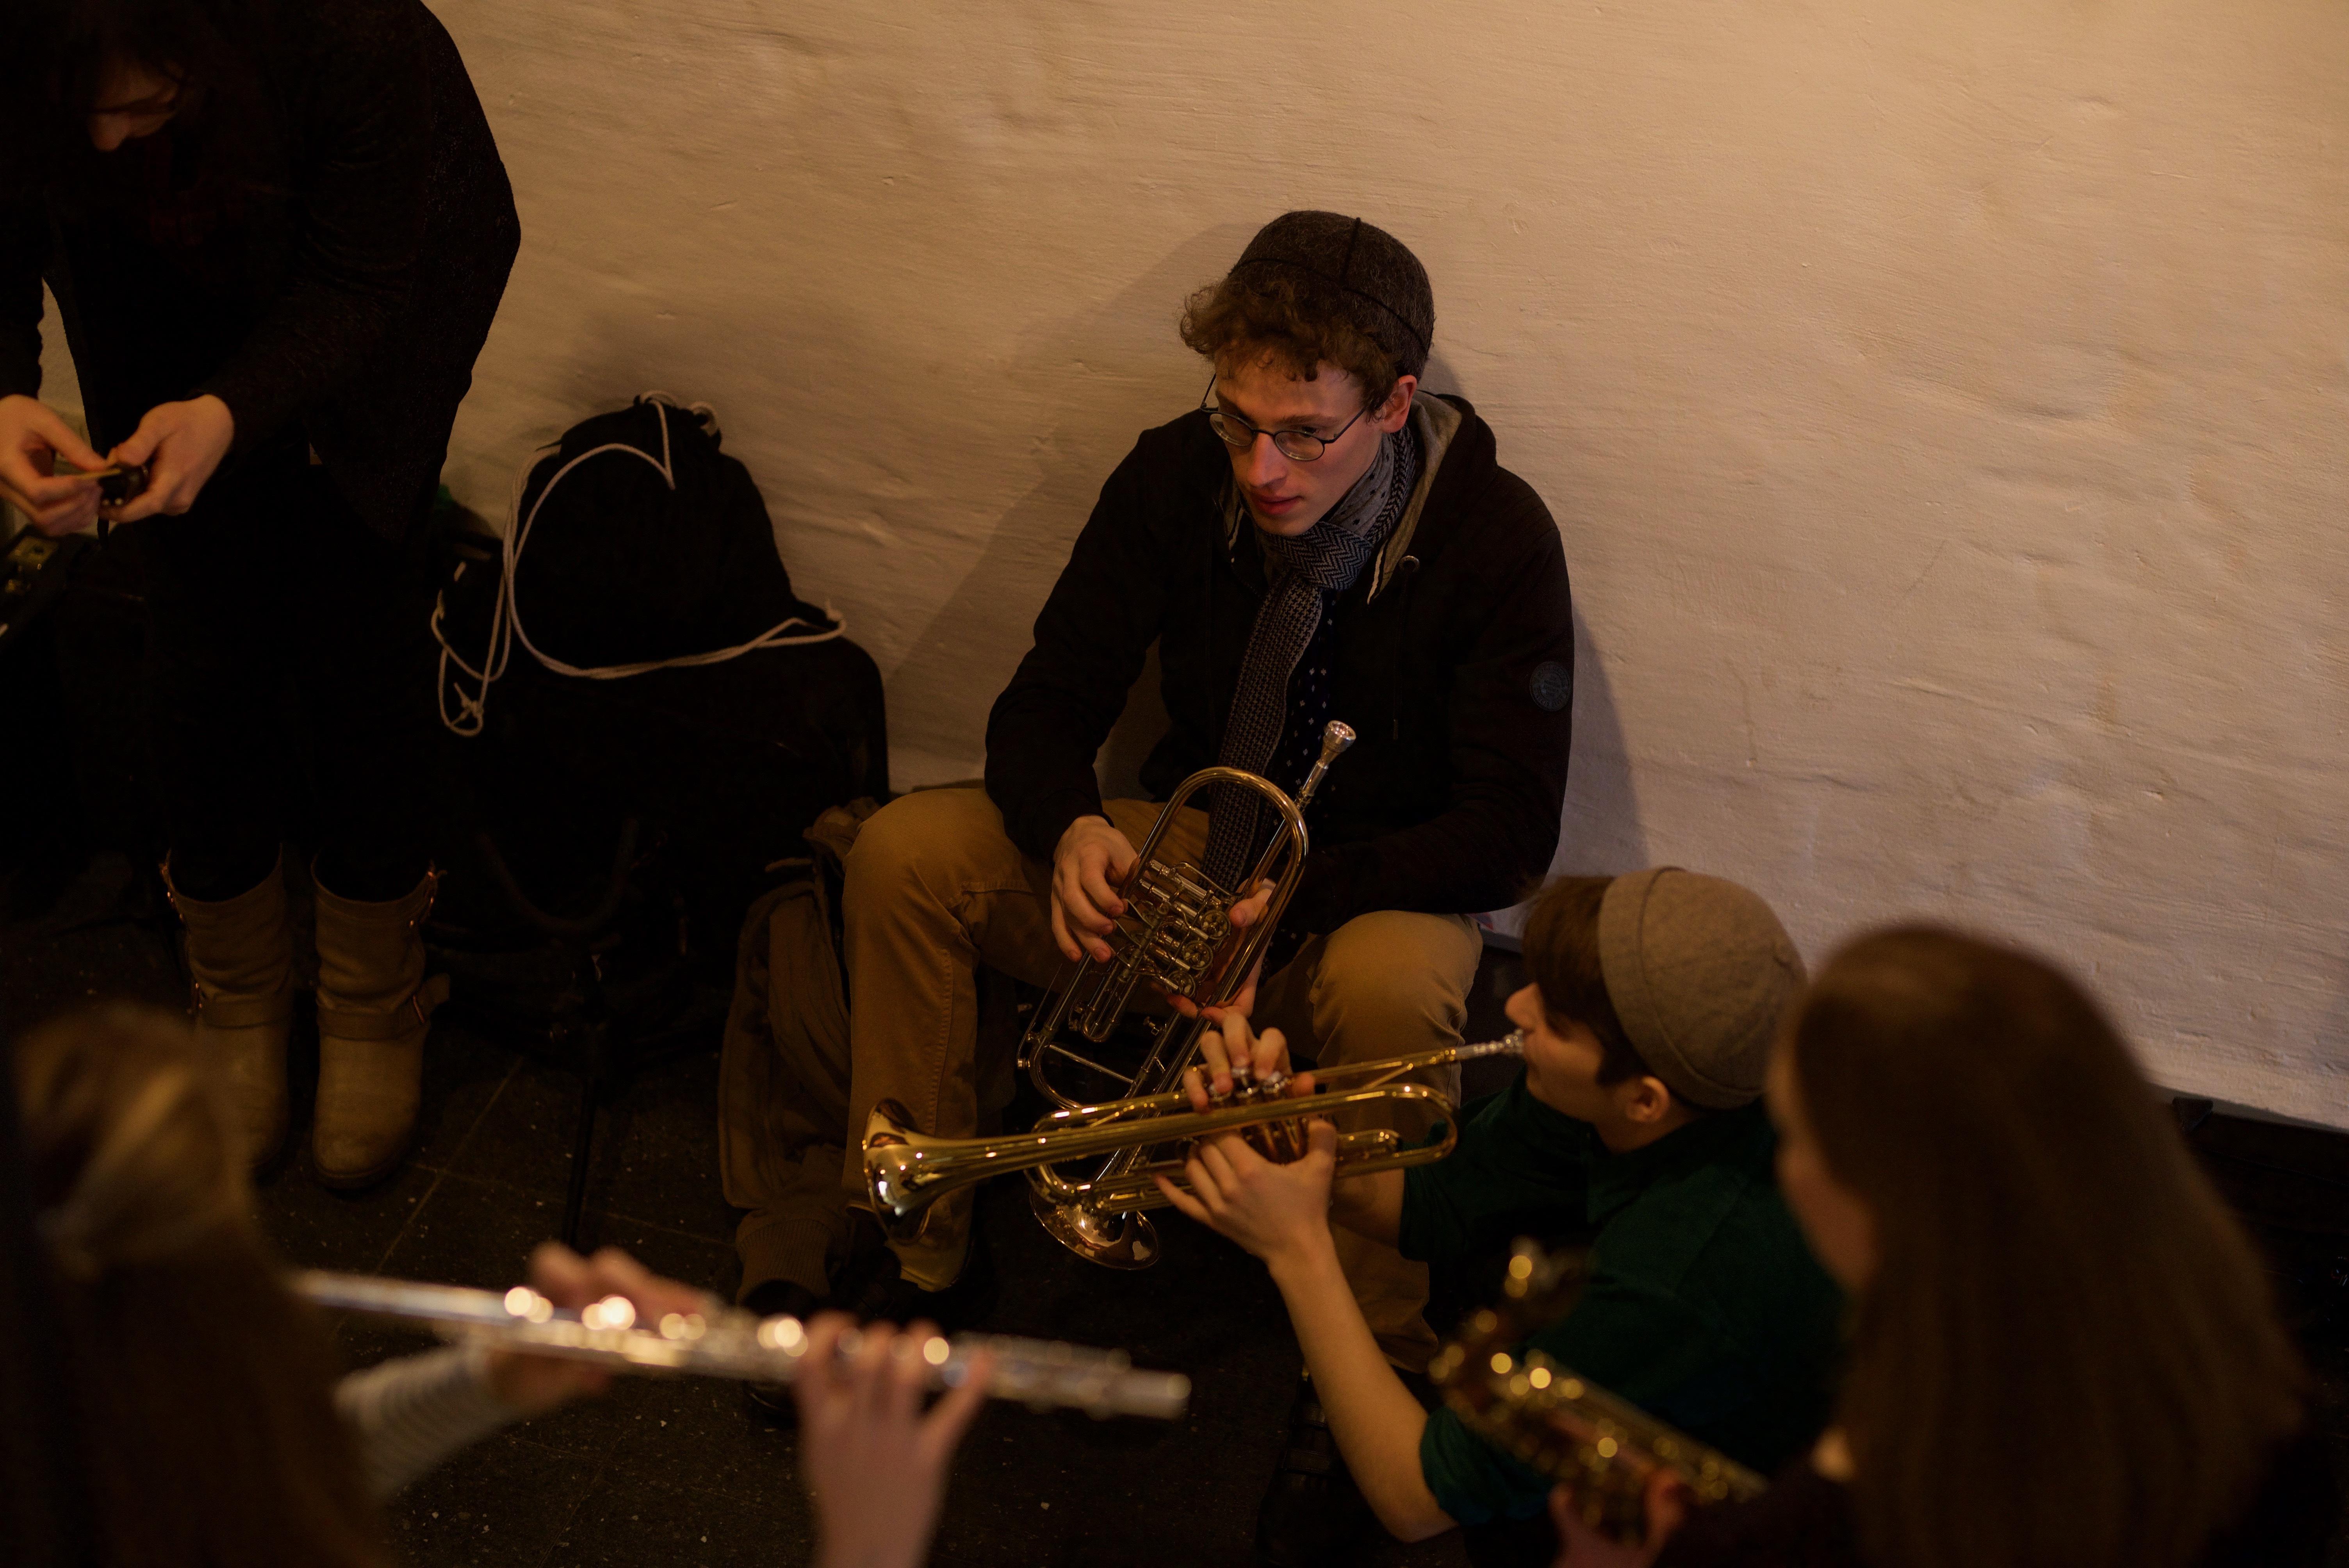 <p>Musical workshop participants on a break. Photo by Shendl&nbsp;Copitman</p>